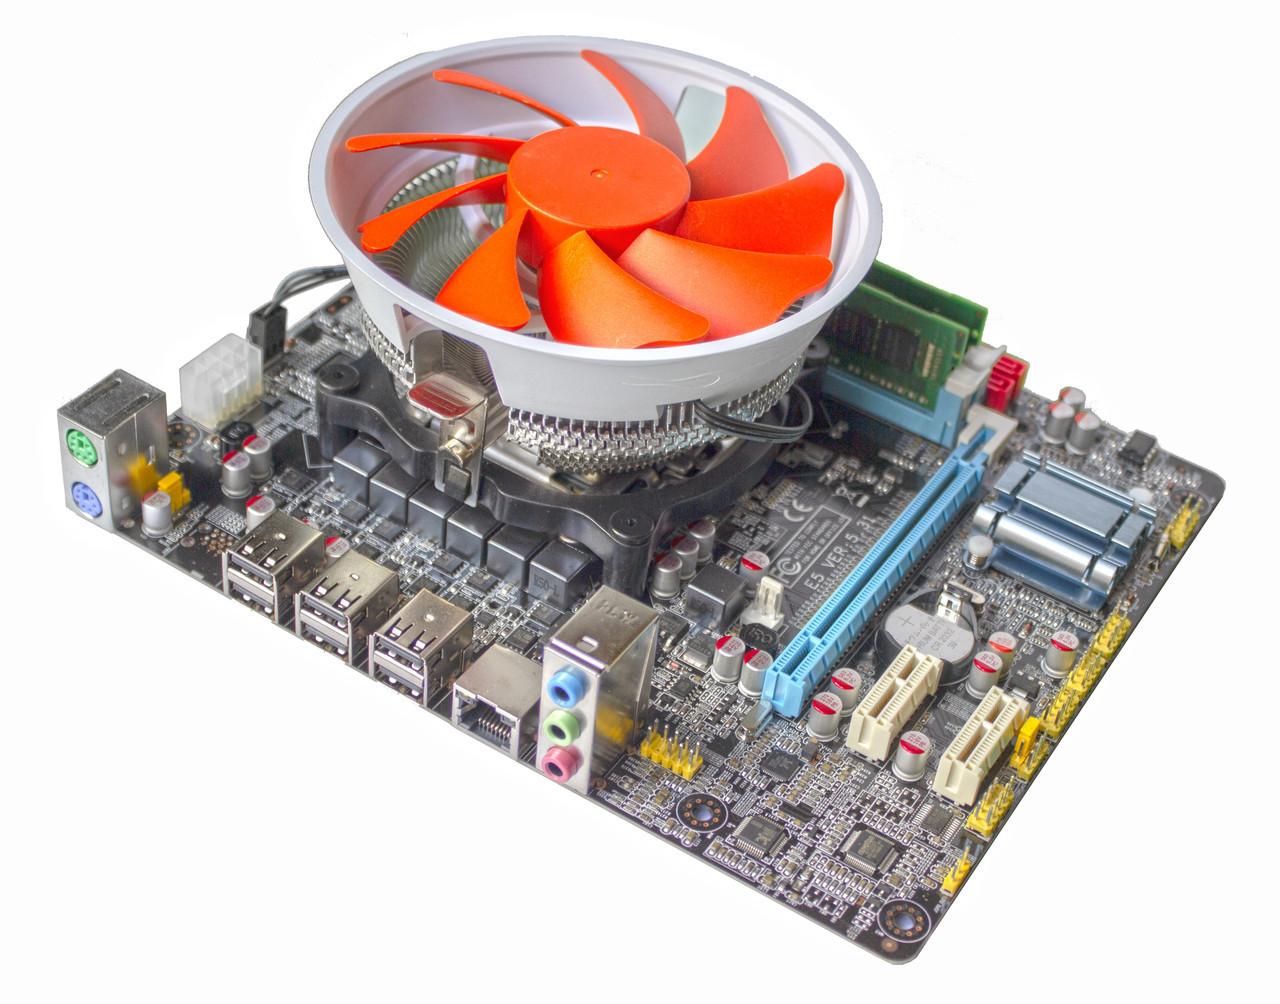 Материнская плата E5 V5.32 + Xeon E5-2430 2.2-2.7 GHz + 8 GB RAM + Кулер, LGA 1356